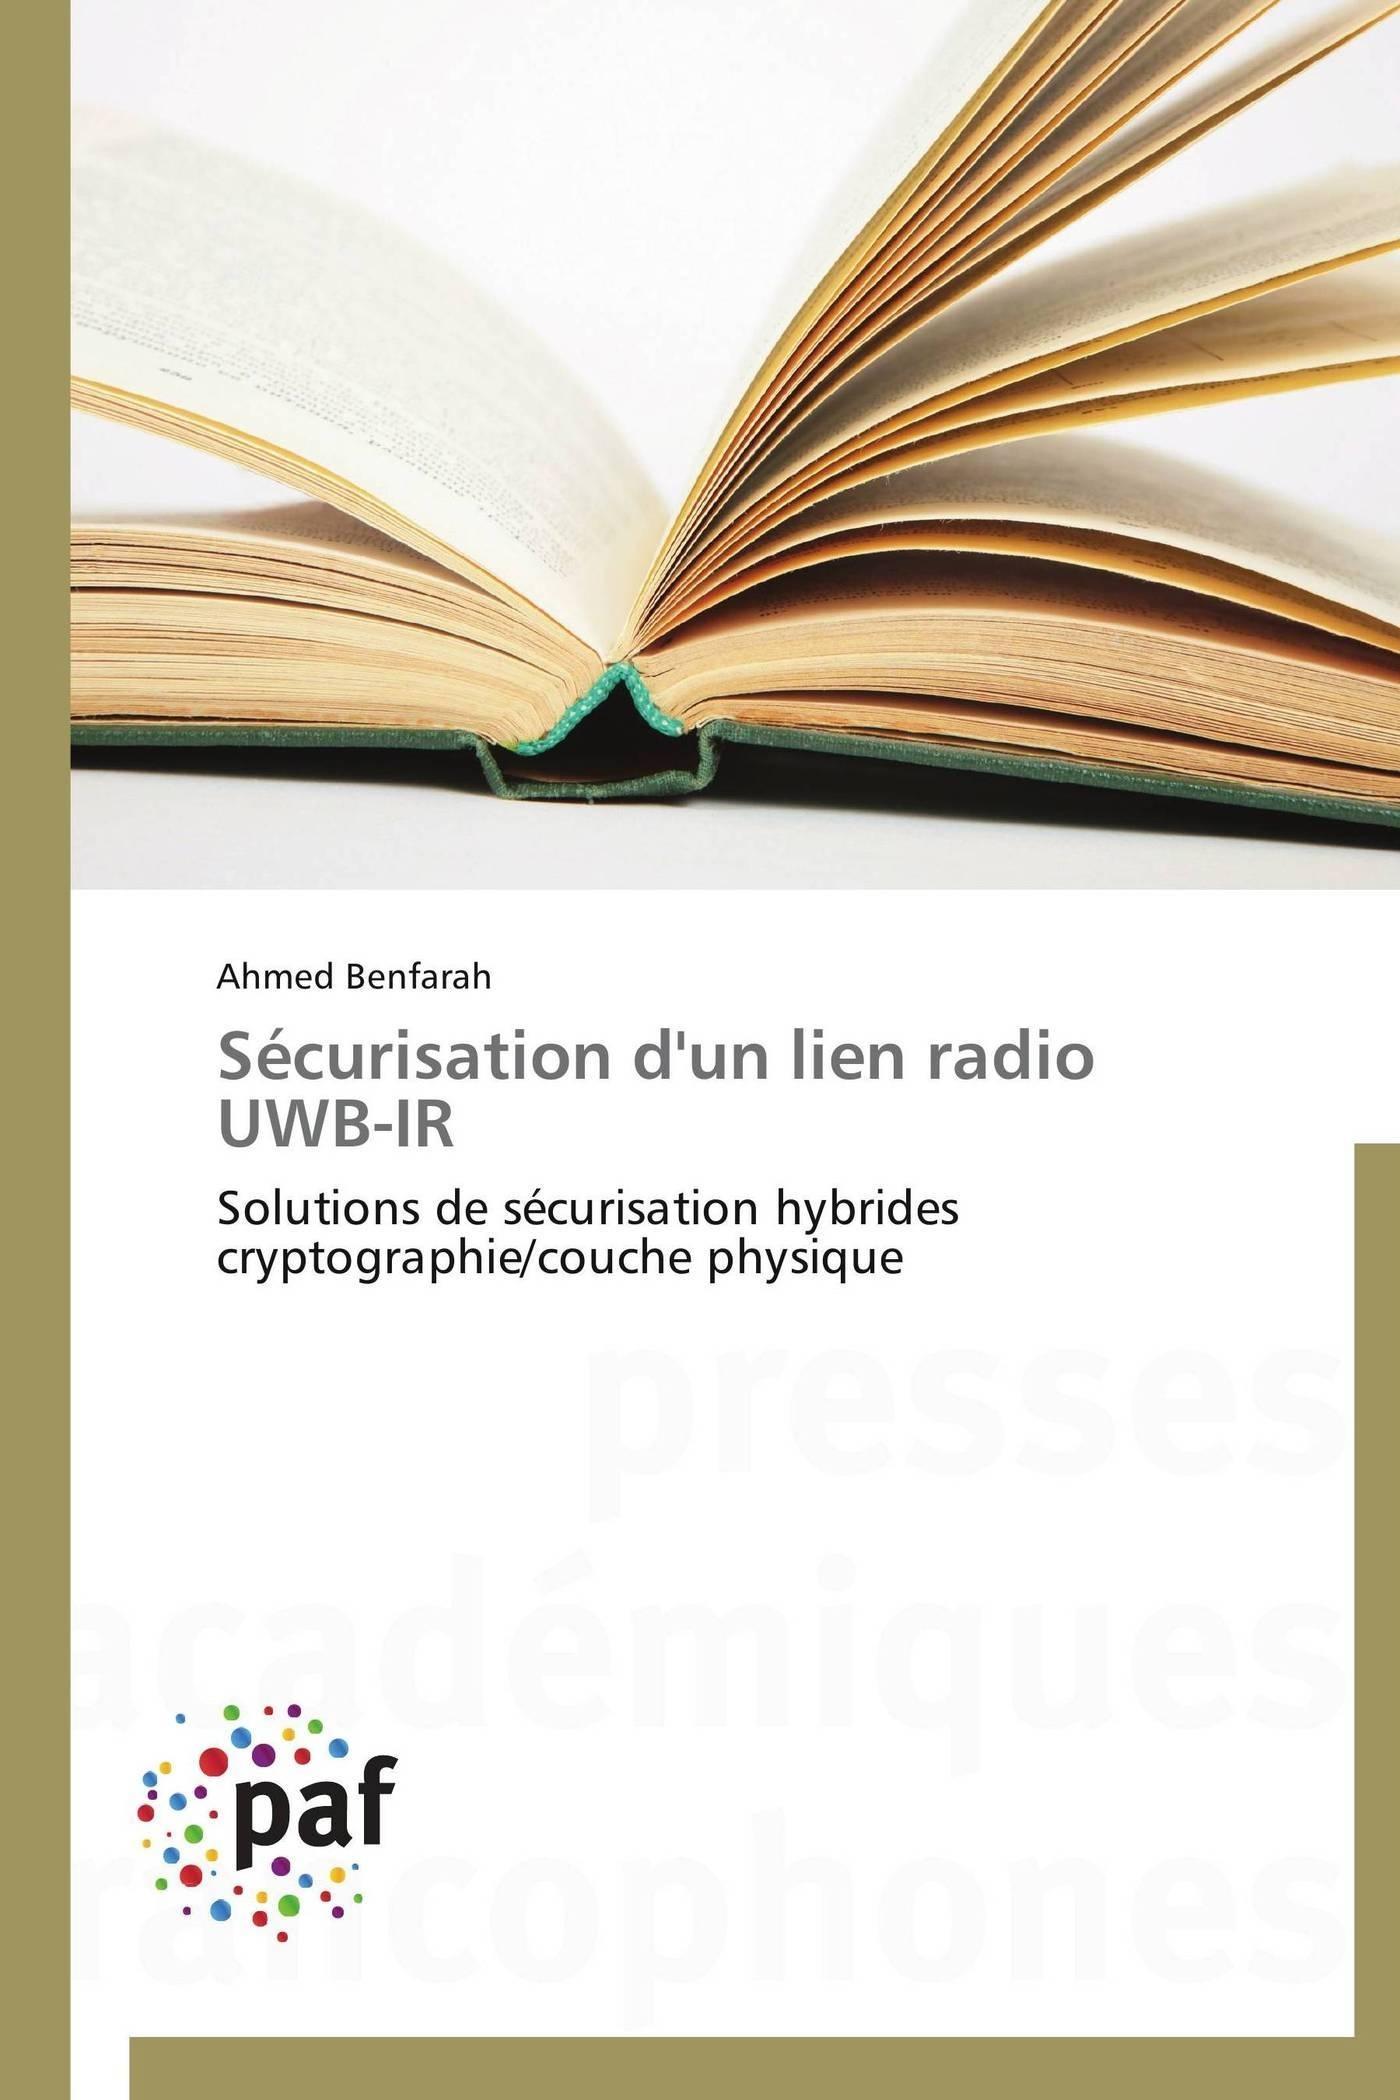 SECURISATION D'UN LIEN RADIO UWB-IR